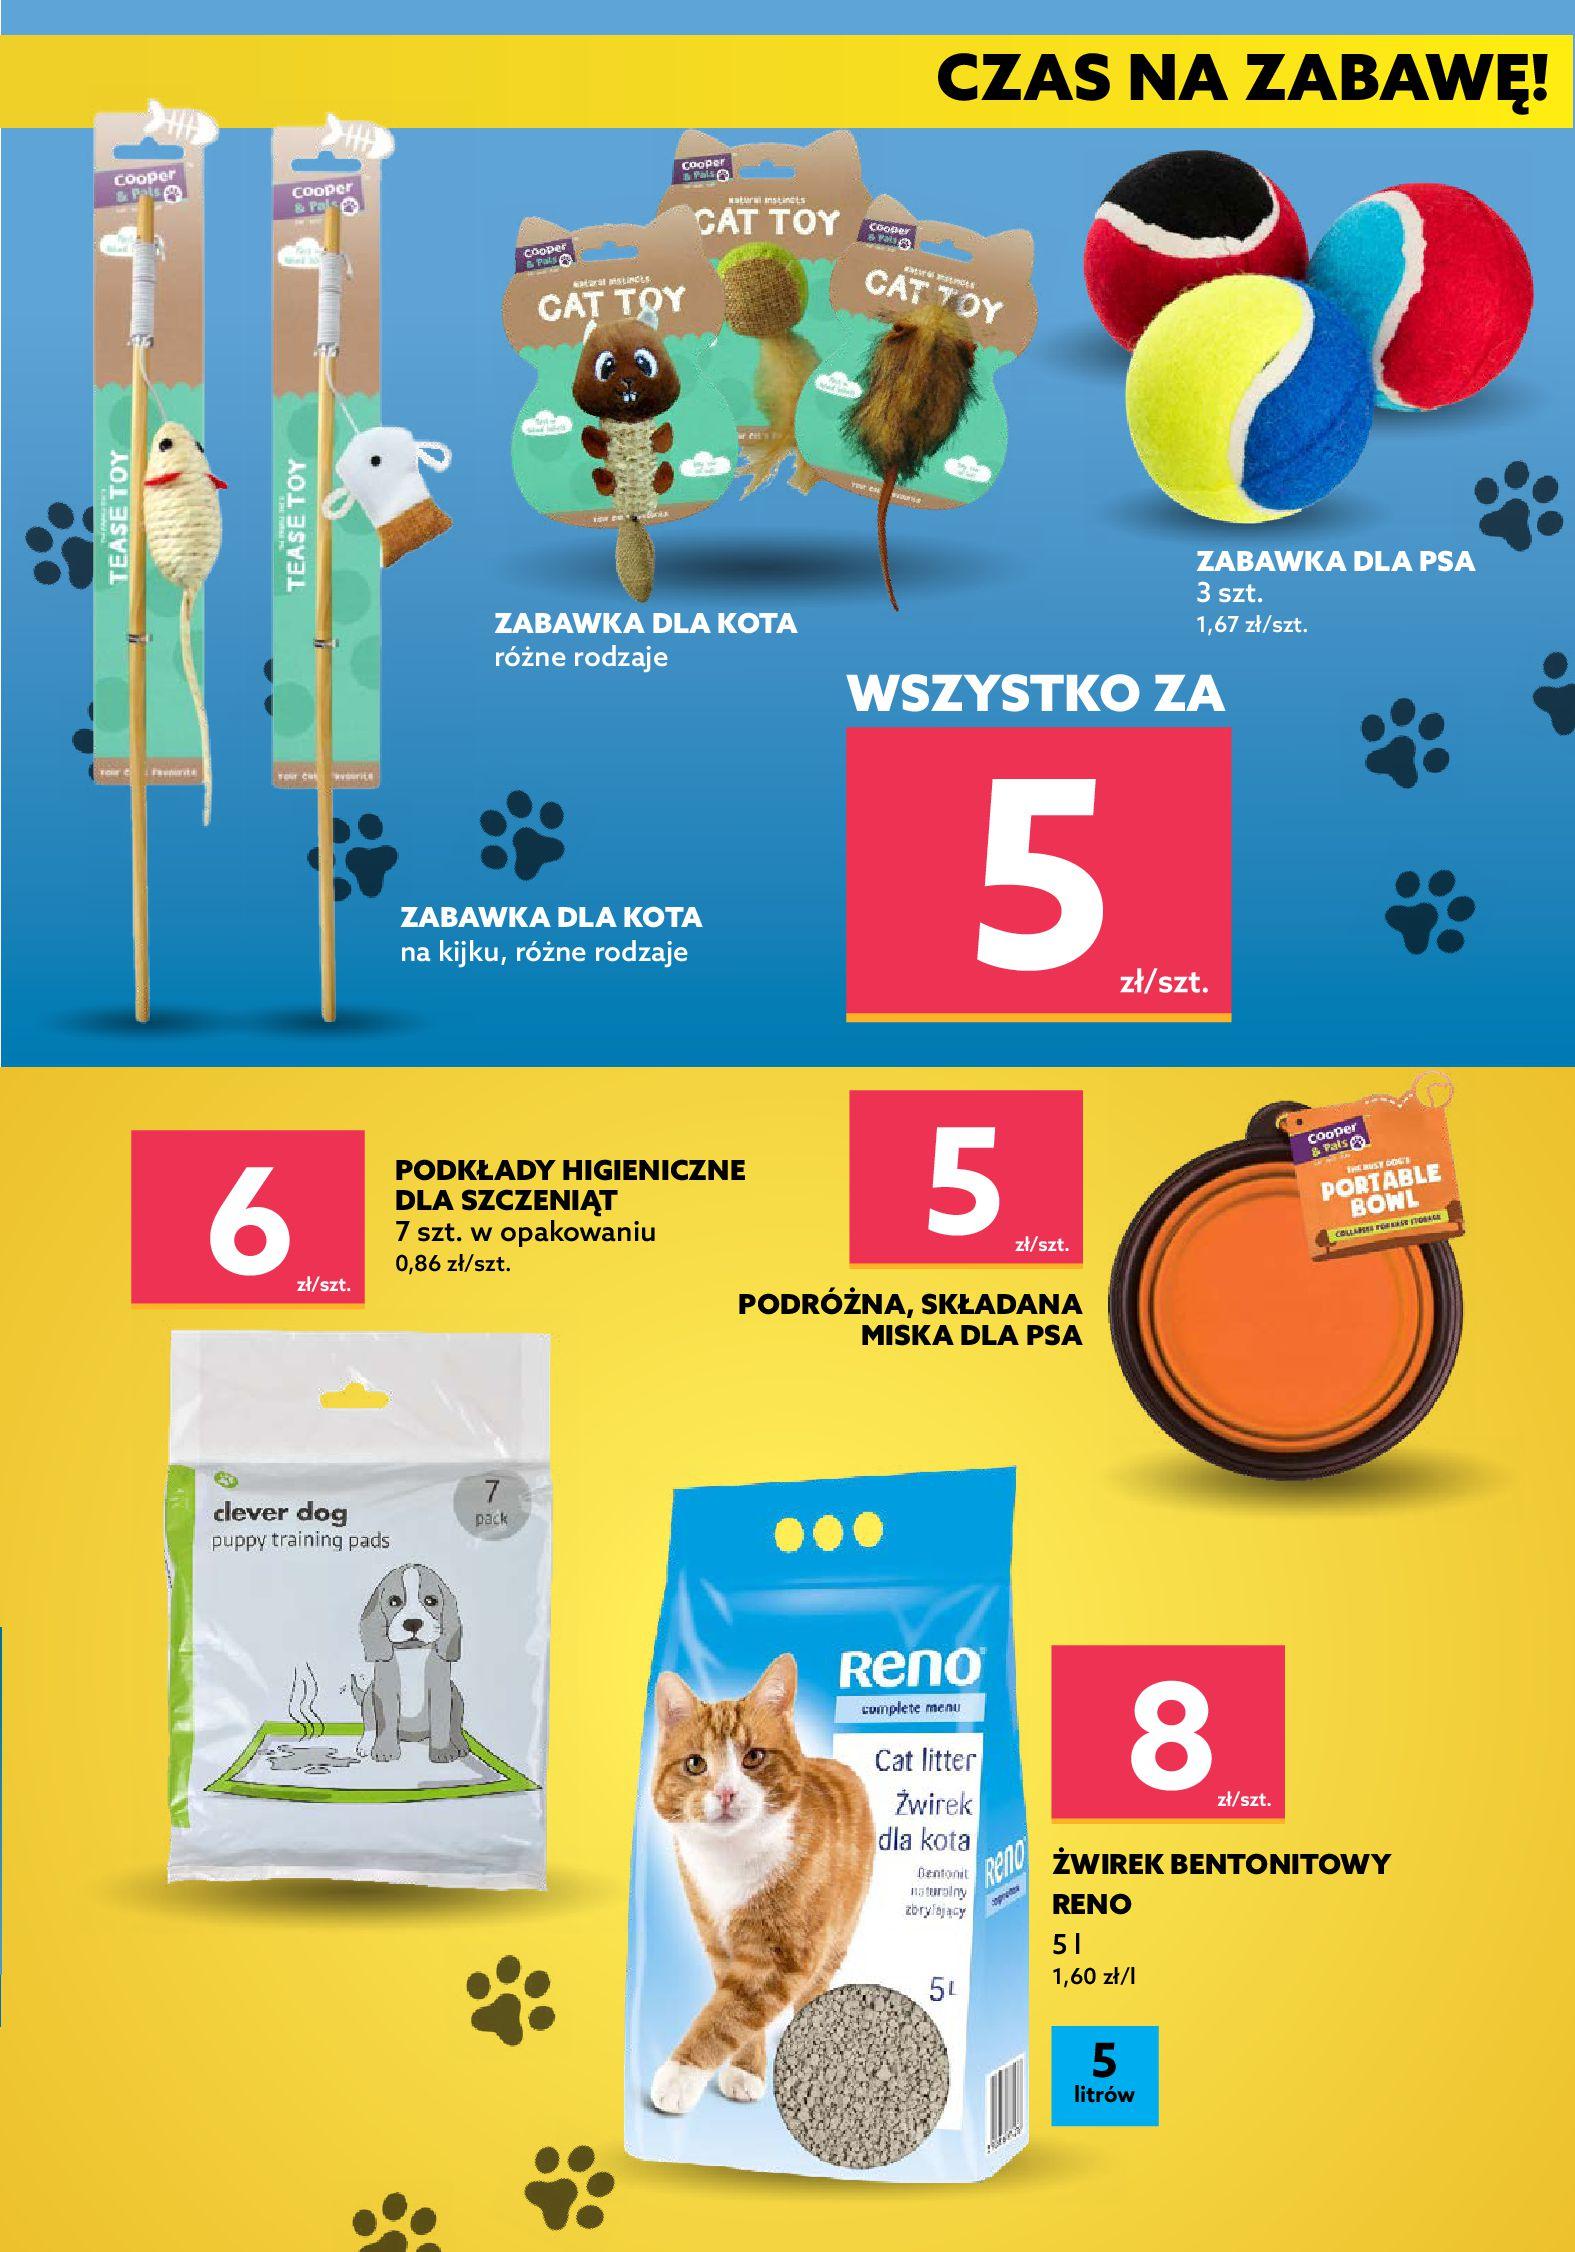 Gazetka Dealz : Gazetka Dealz - dla zwierząt 2021-09-13 page-5